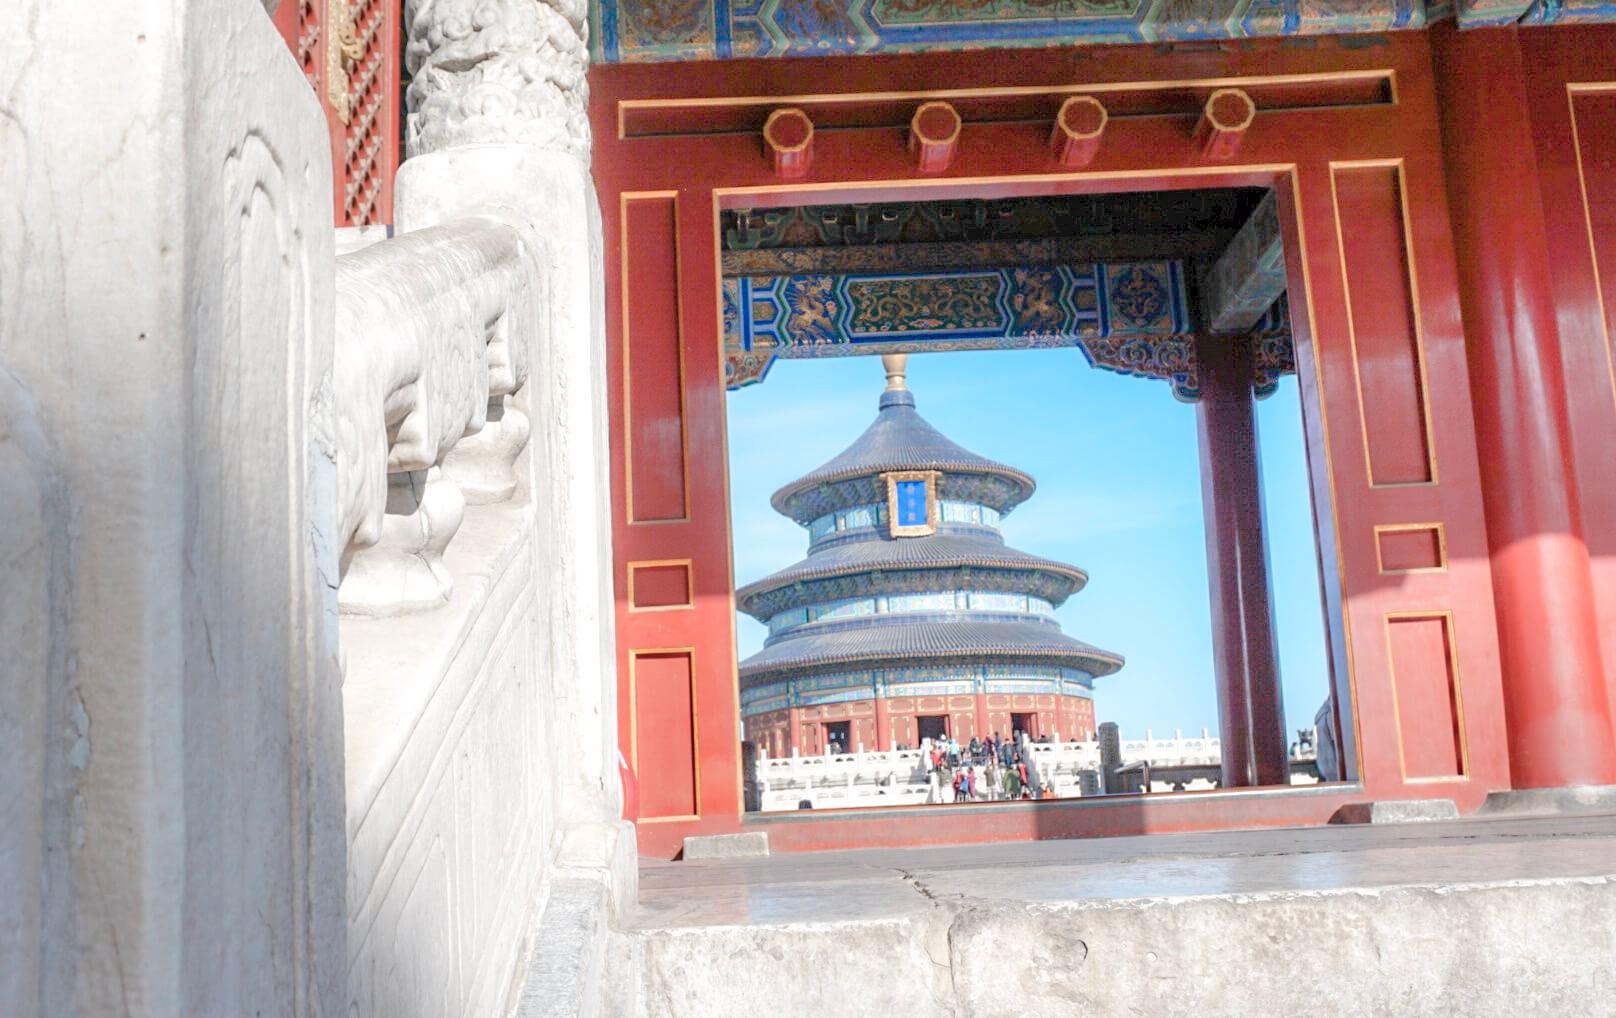 visiter le temple du soleil sud pékin chine